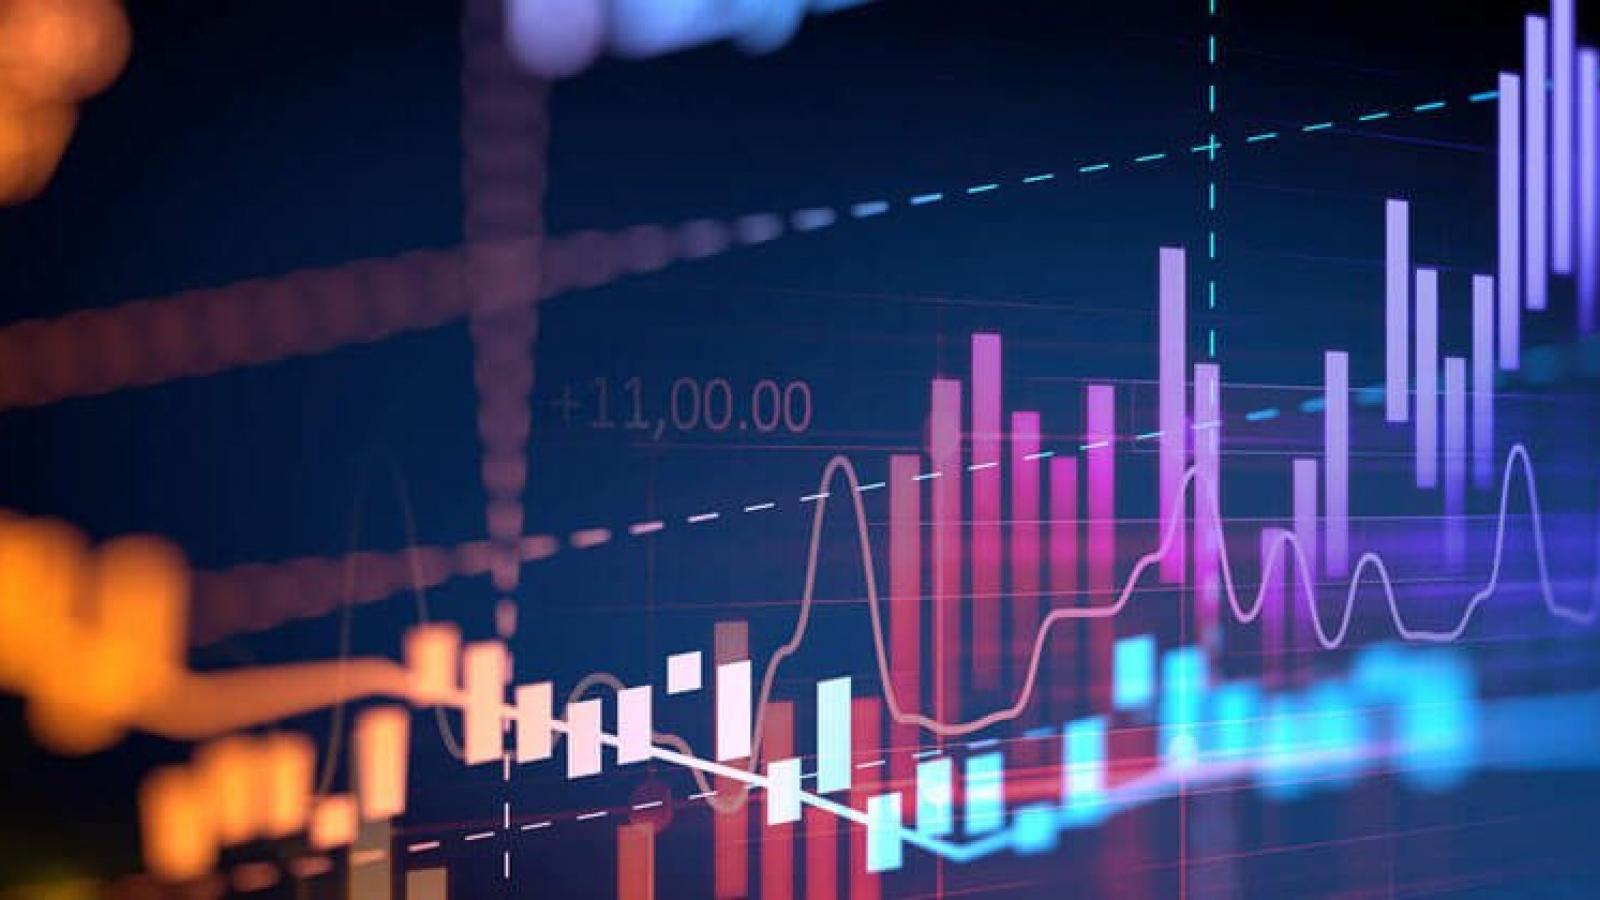 Xu hướng giảm có thể chiếm ưu thế trên thị trường chứng khoán Việt tuần này